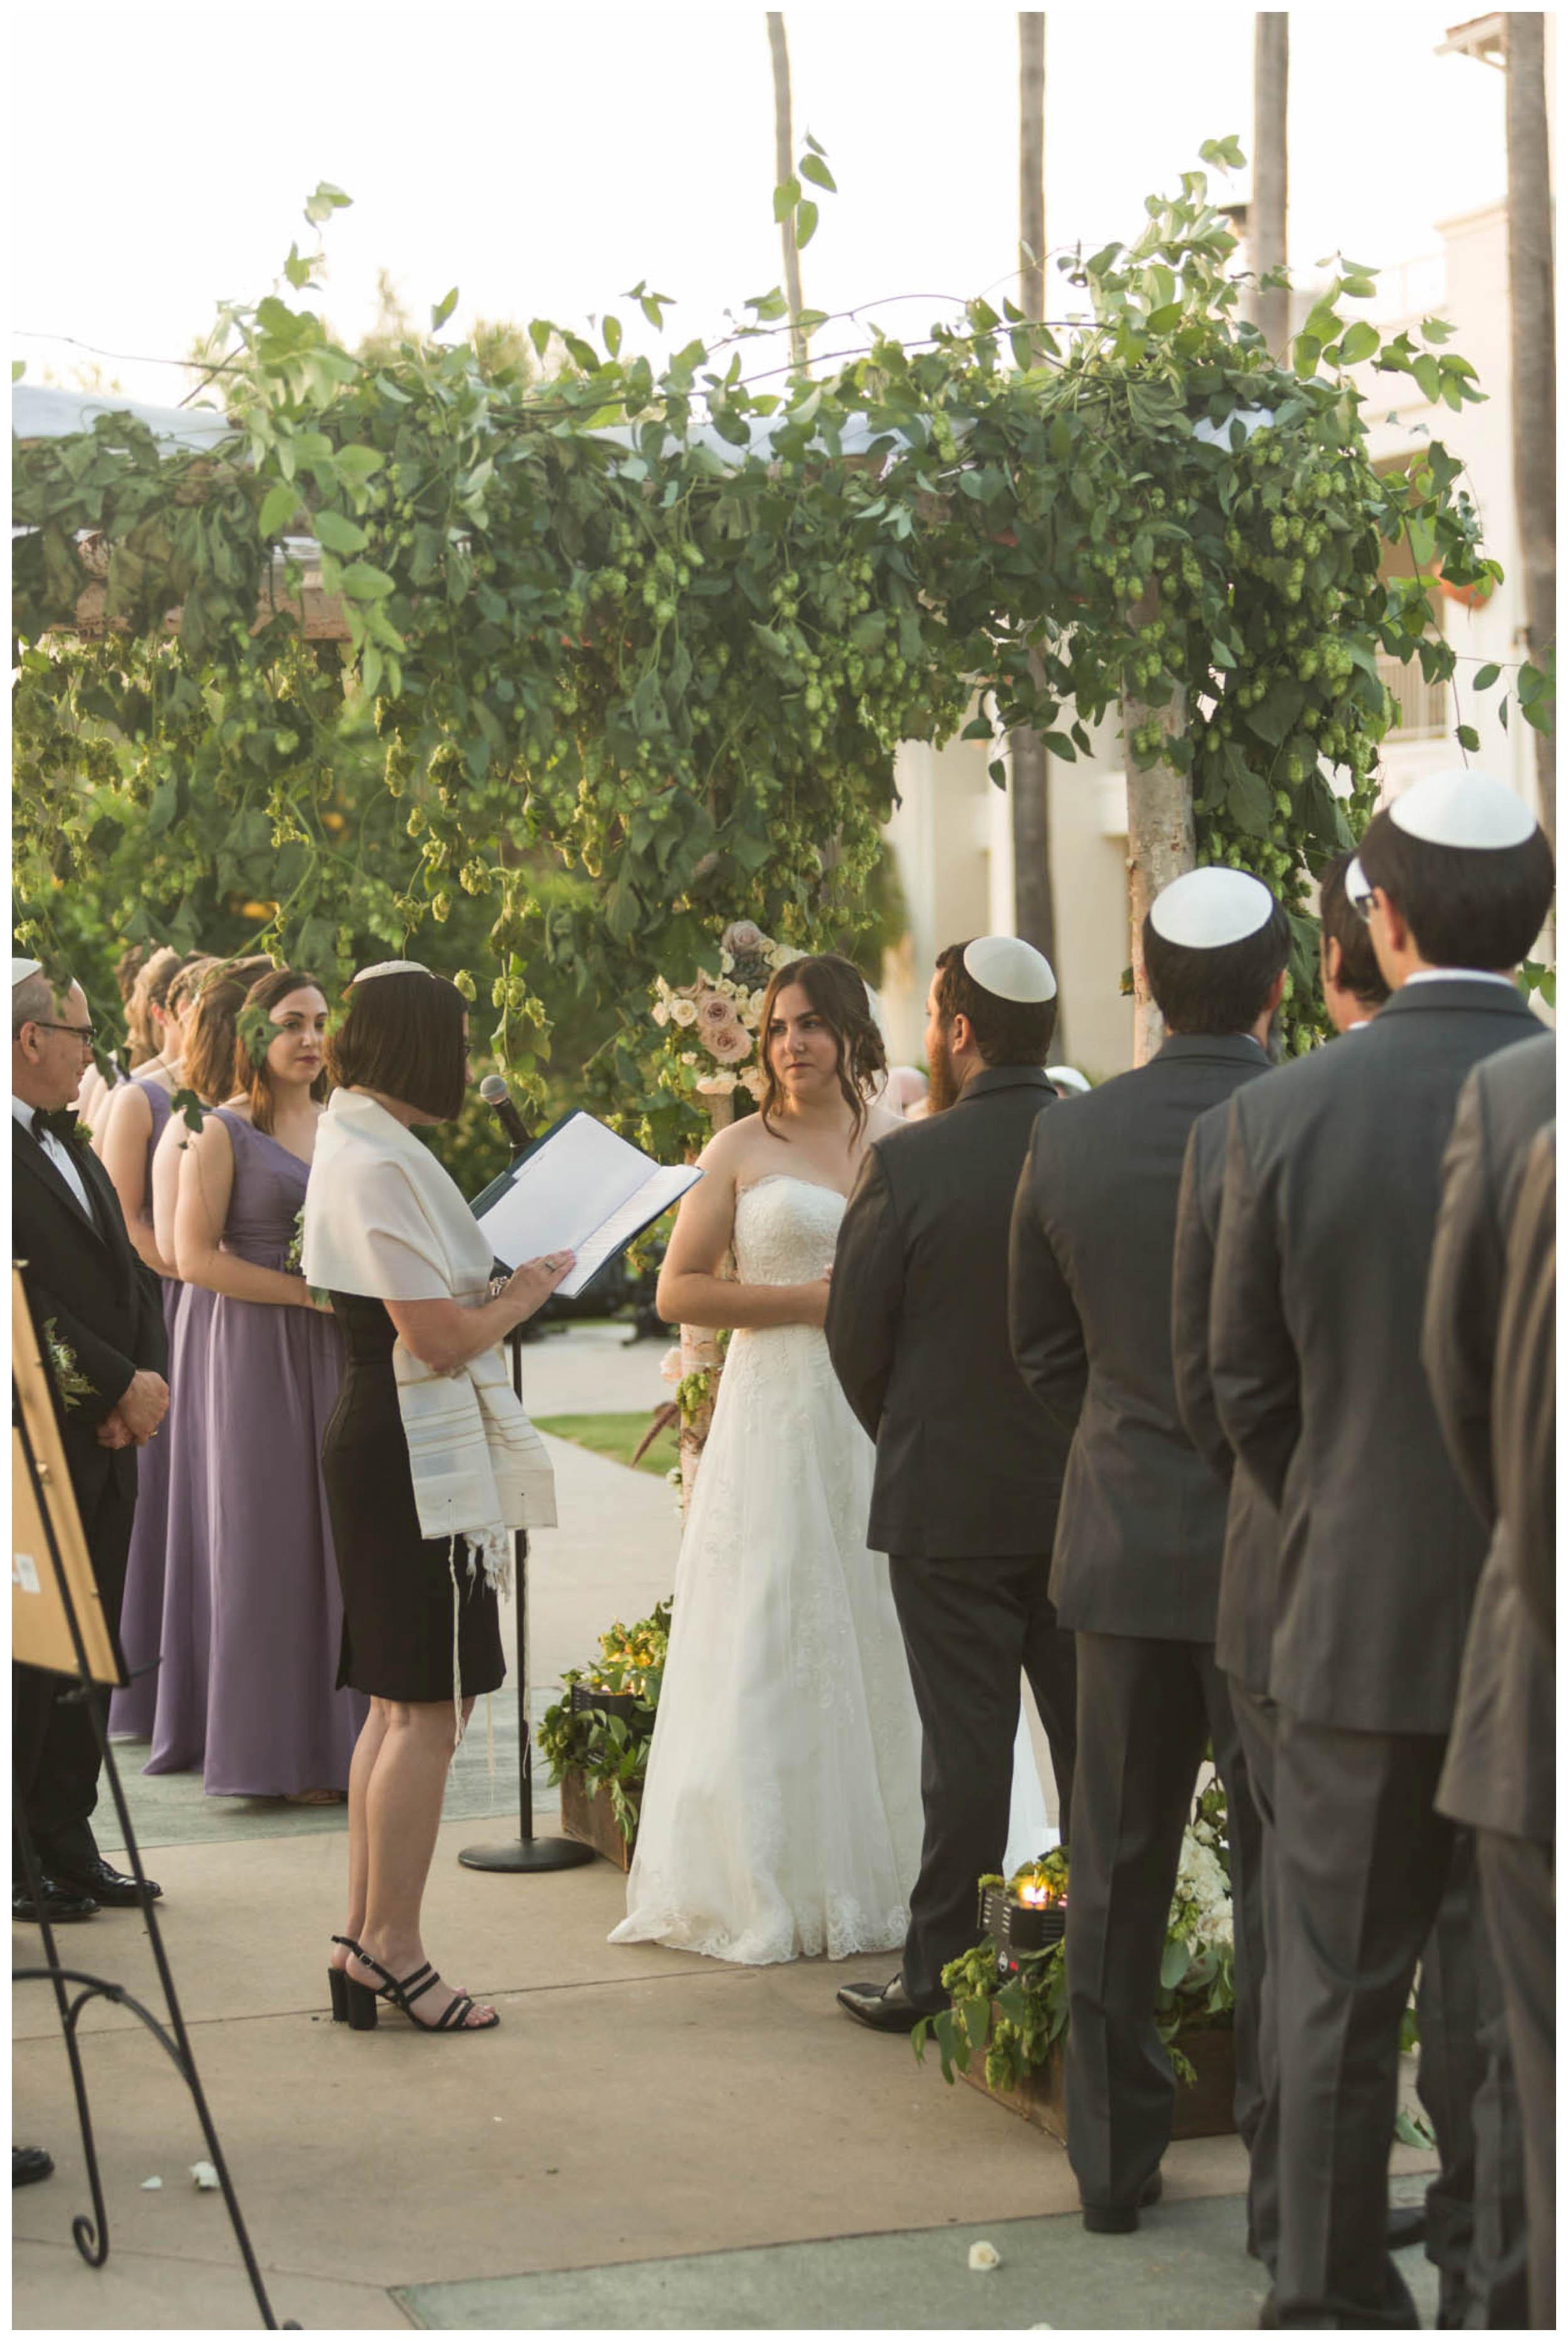 shewanders.wedding.photography.san.diego.rustic._1714.jpg